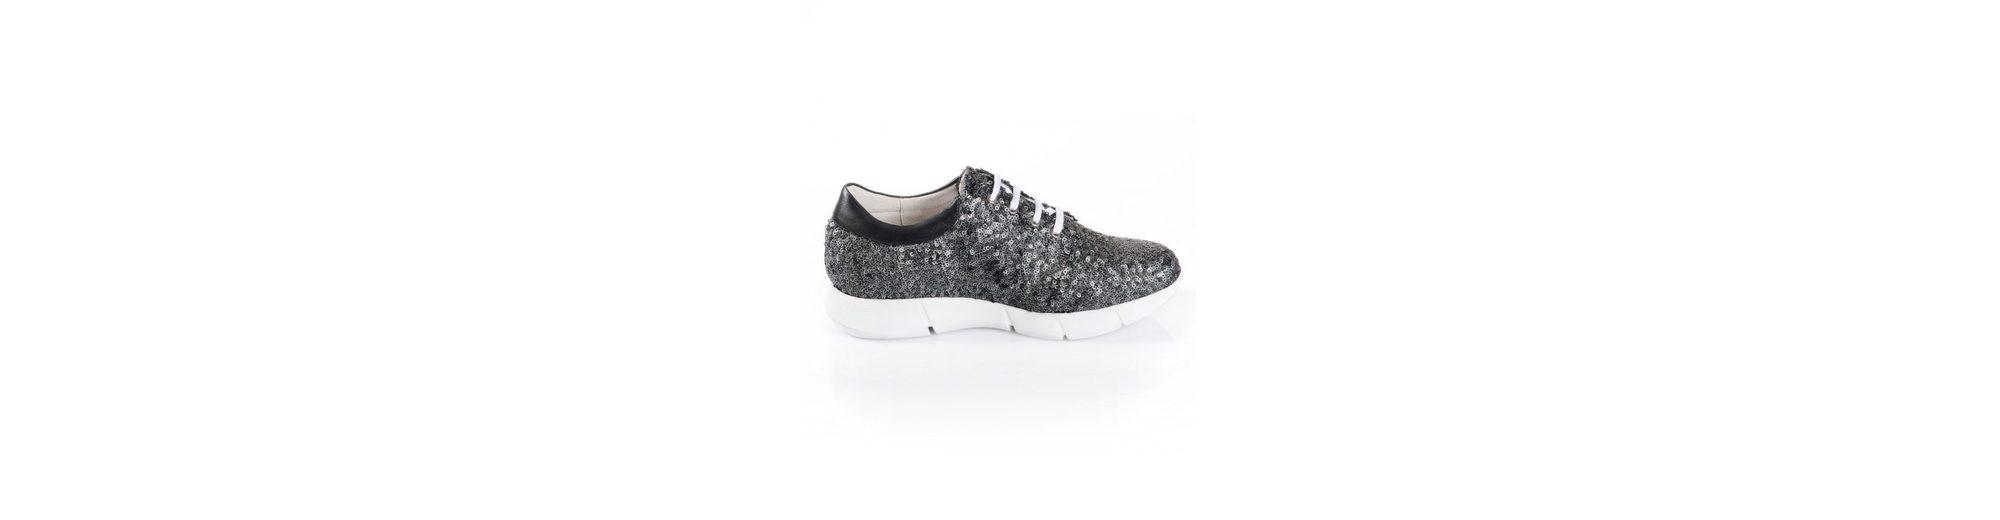 Alba Moda Sneaker mit Paillettenverzierungen In Deutschland Verkauf Online Verkauf Amazon Verkauf Extrem Mode Online Günstig Preis-Kosten cfsr6fM8YC